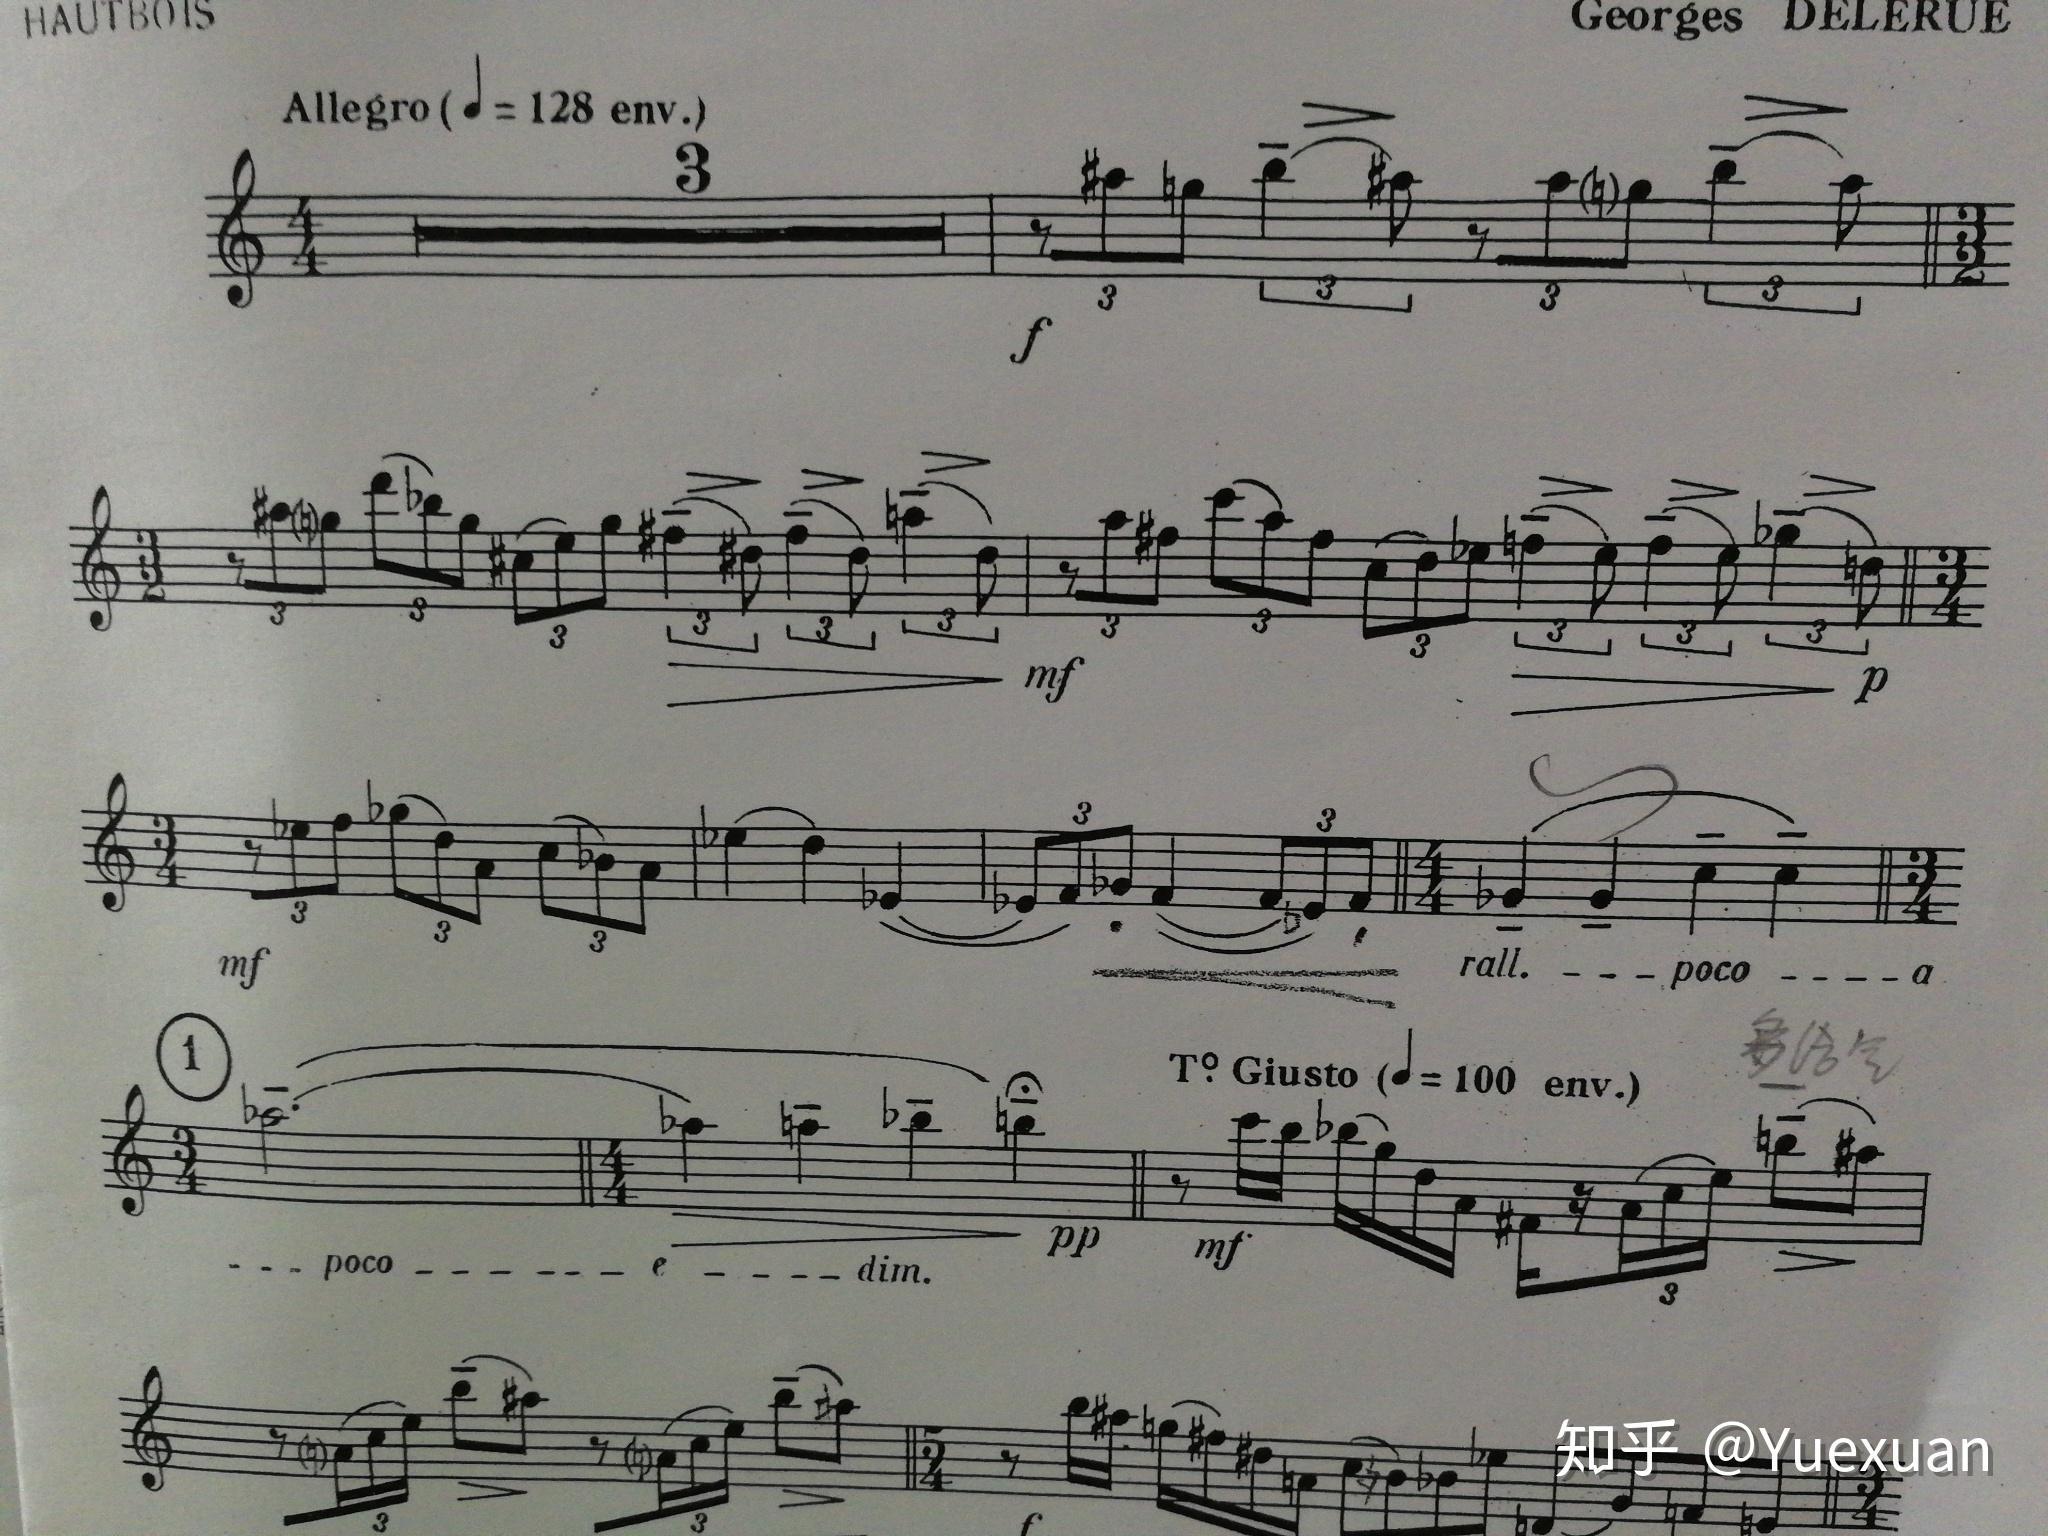 拍子是什么_22拍和44拍有什么是相同的有什么是不同的? - 知乎